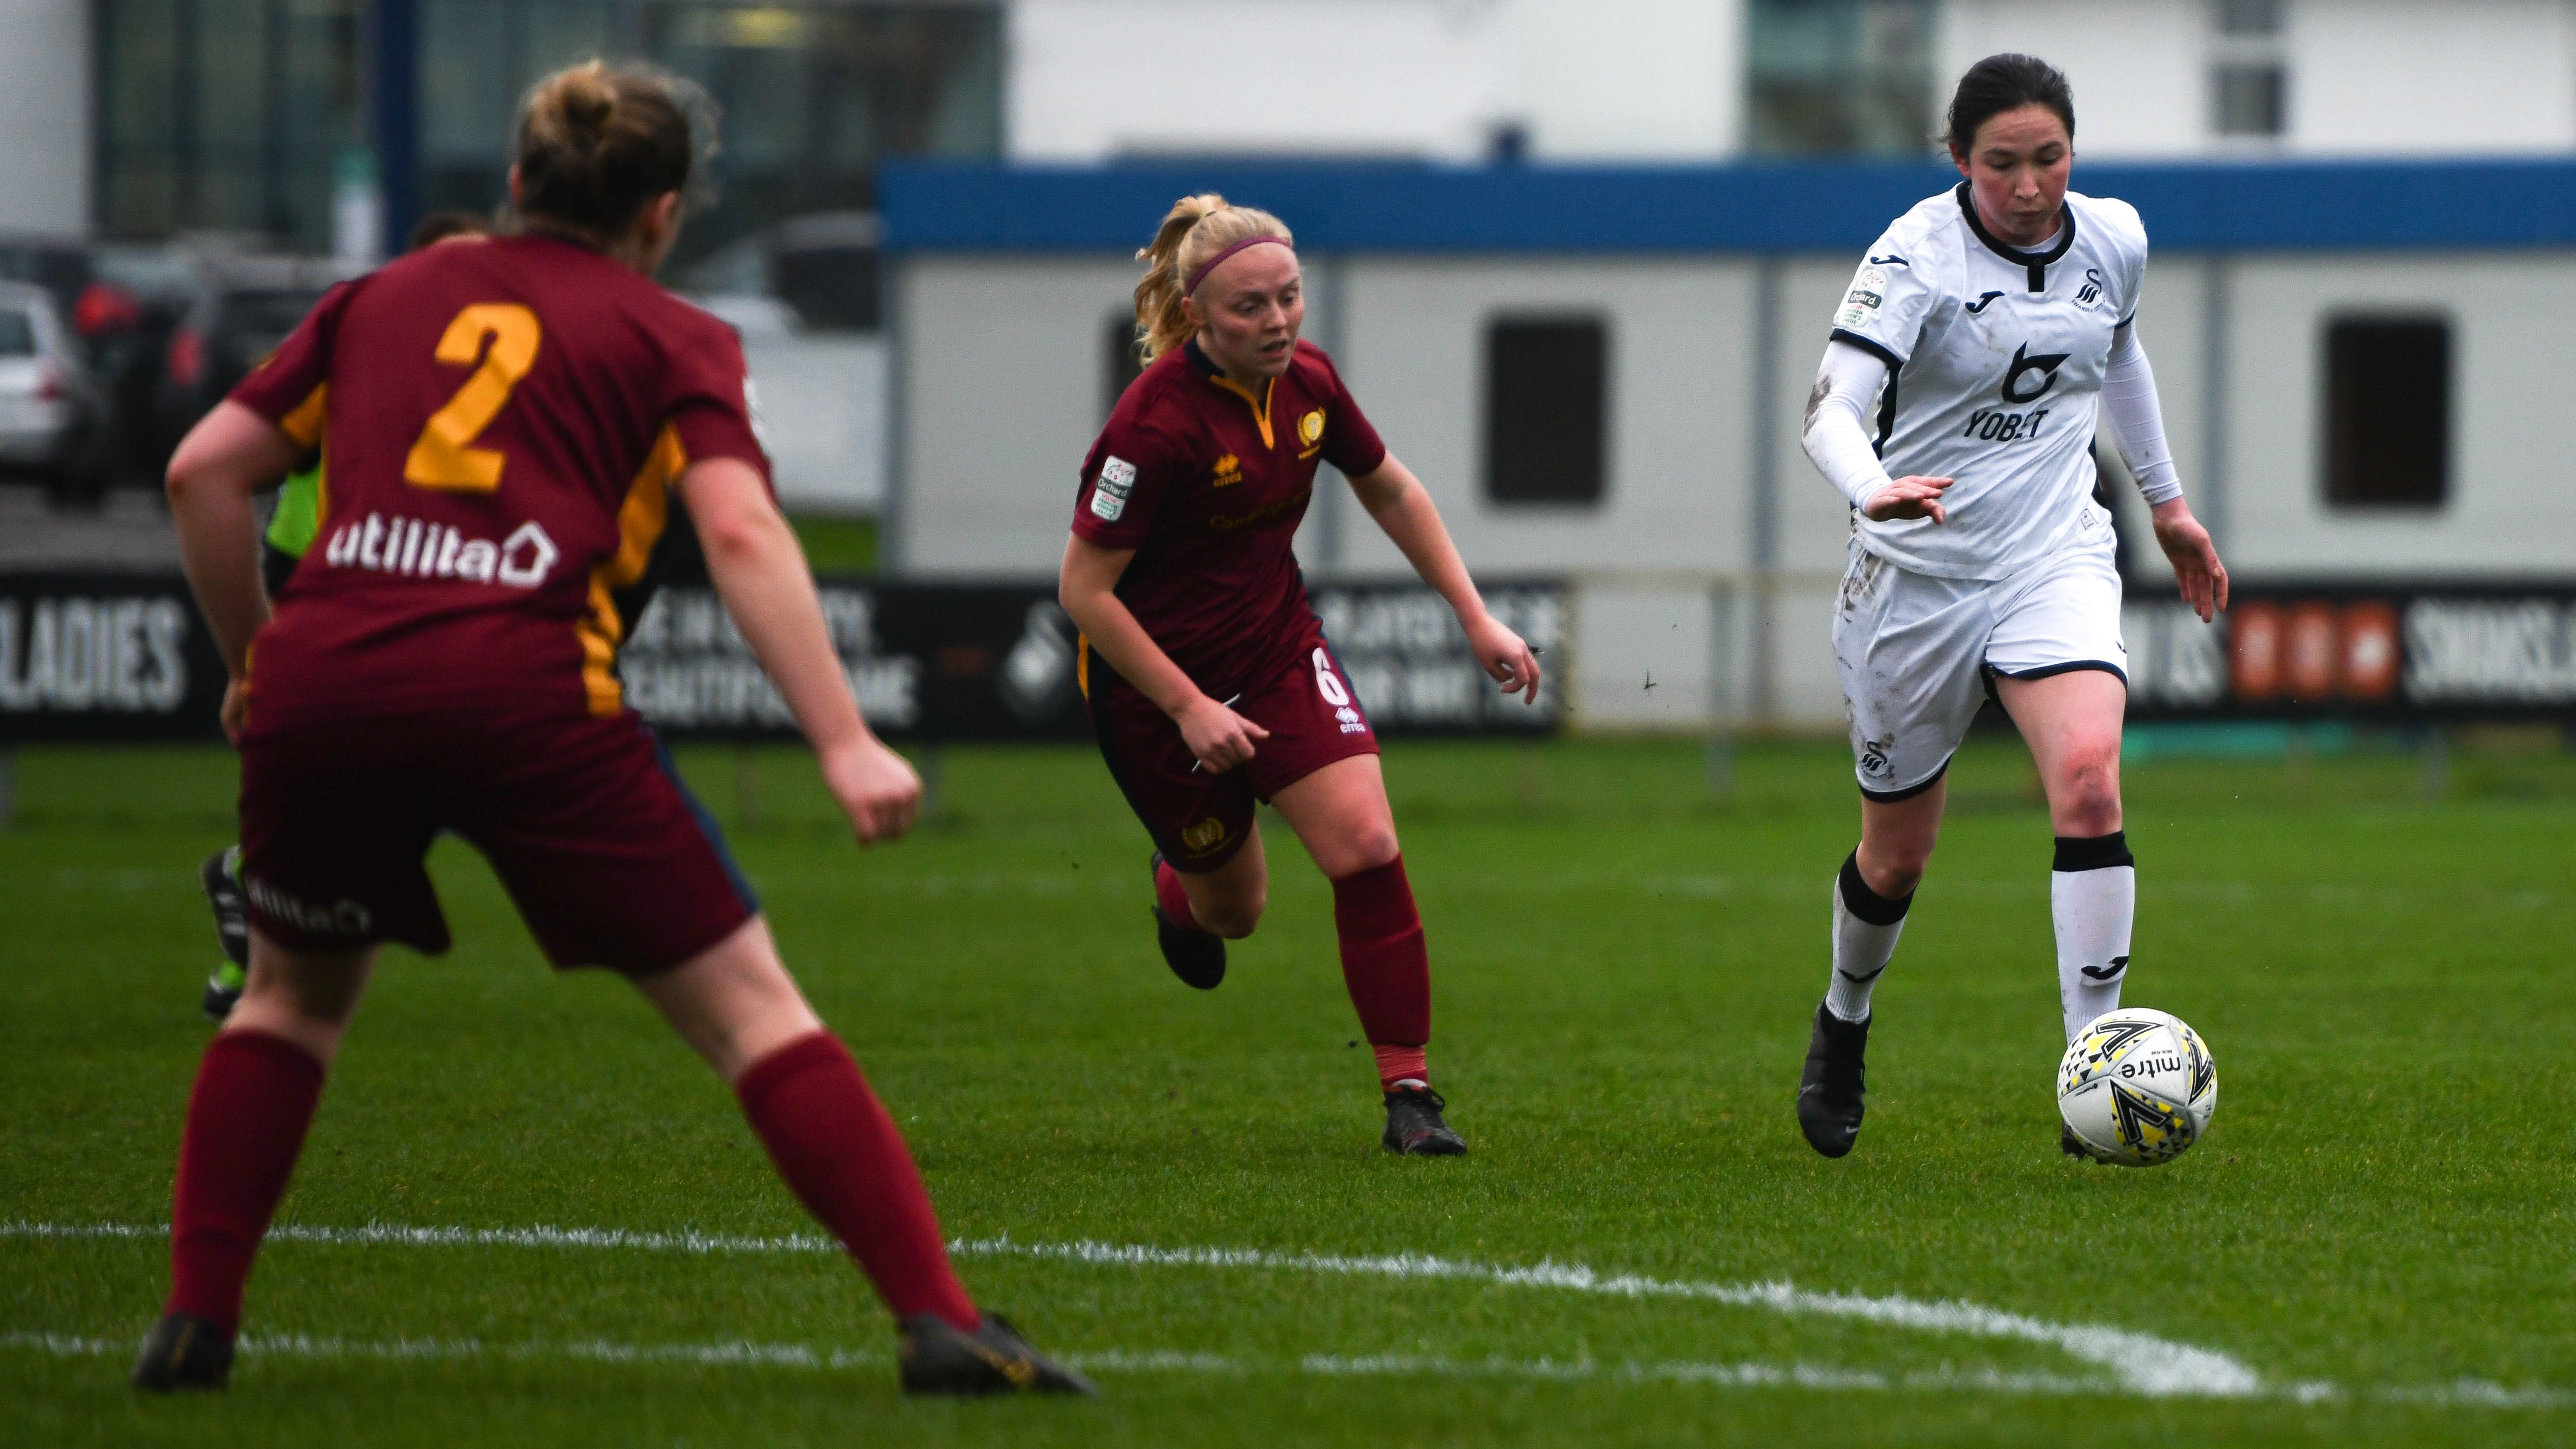 Swans Ladies v Cardiff Met